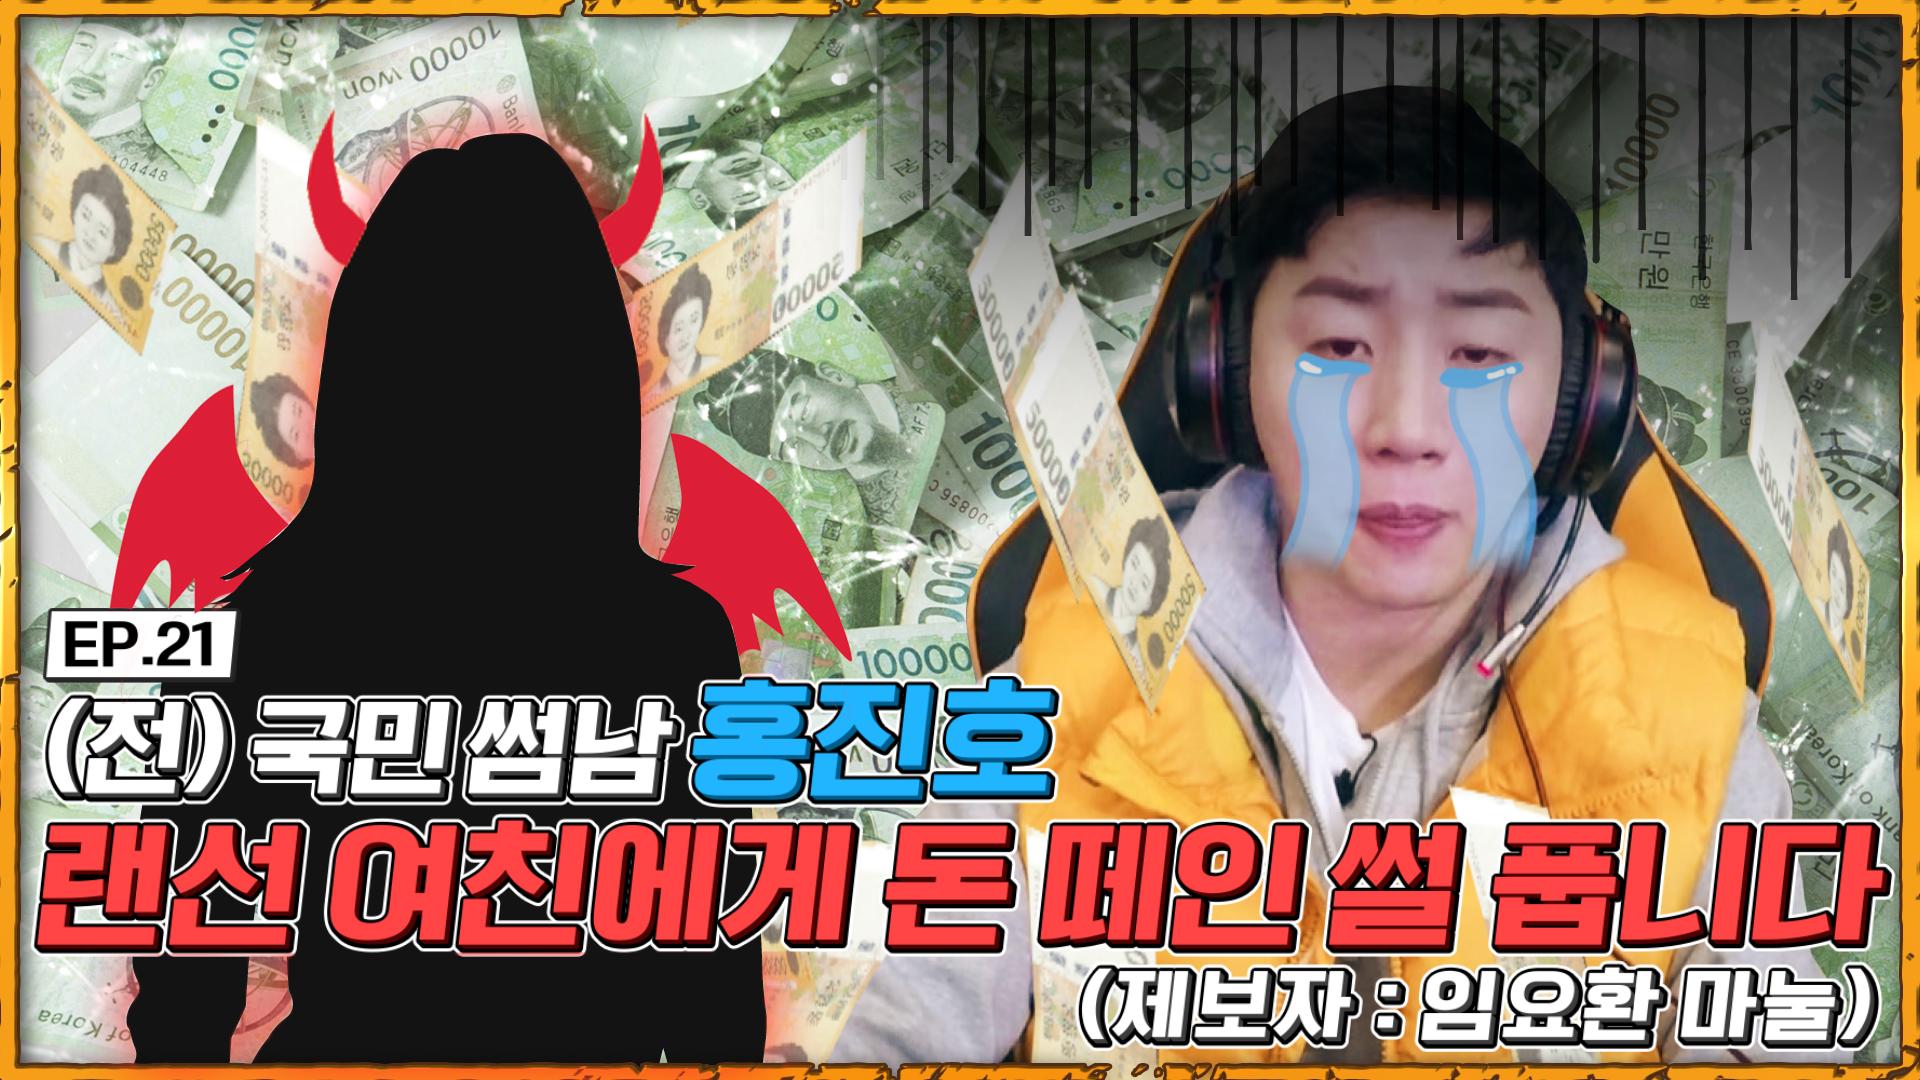 [핵인싸 동맹] EP.21 (전)국민썸남 홍진호, 랜선여친에게 돈 떼인 썰 풉니다